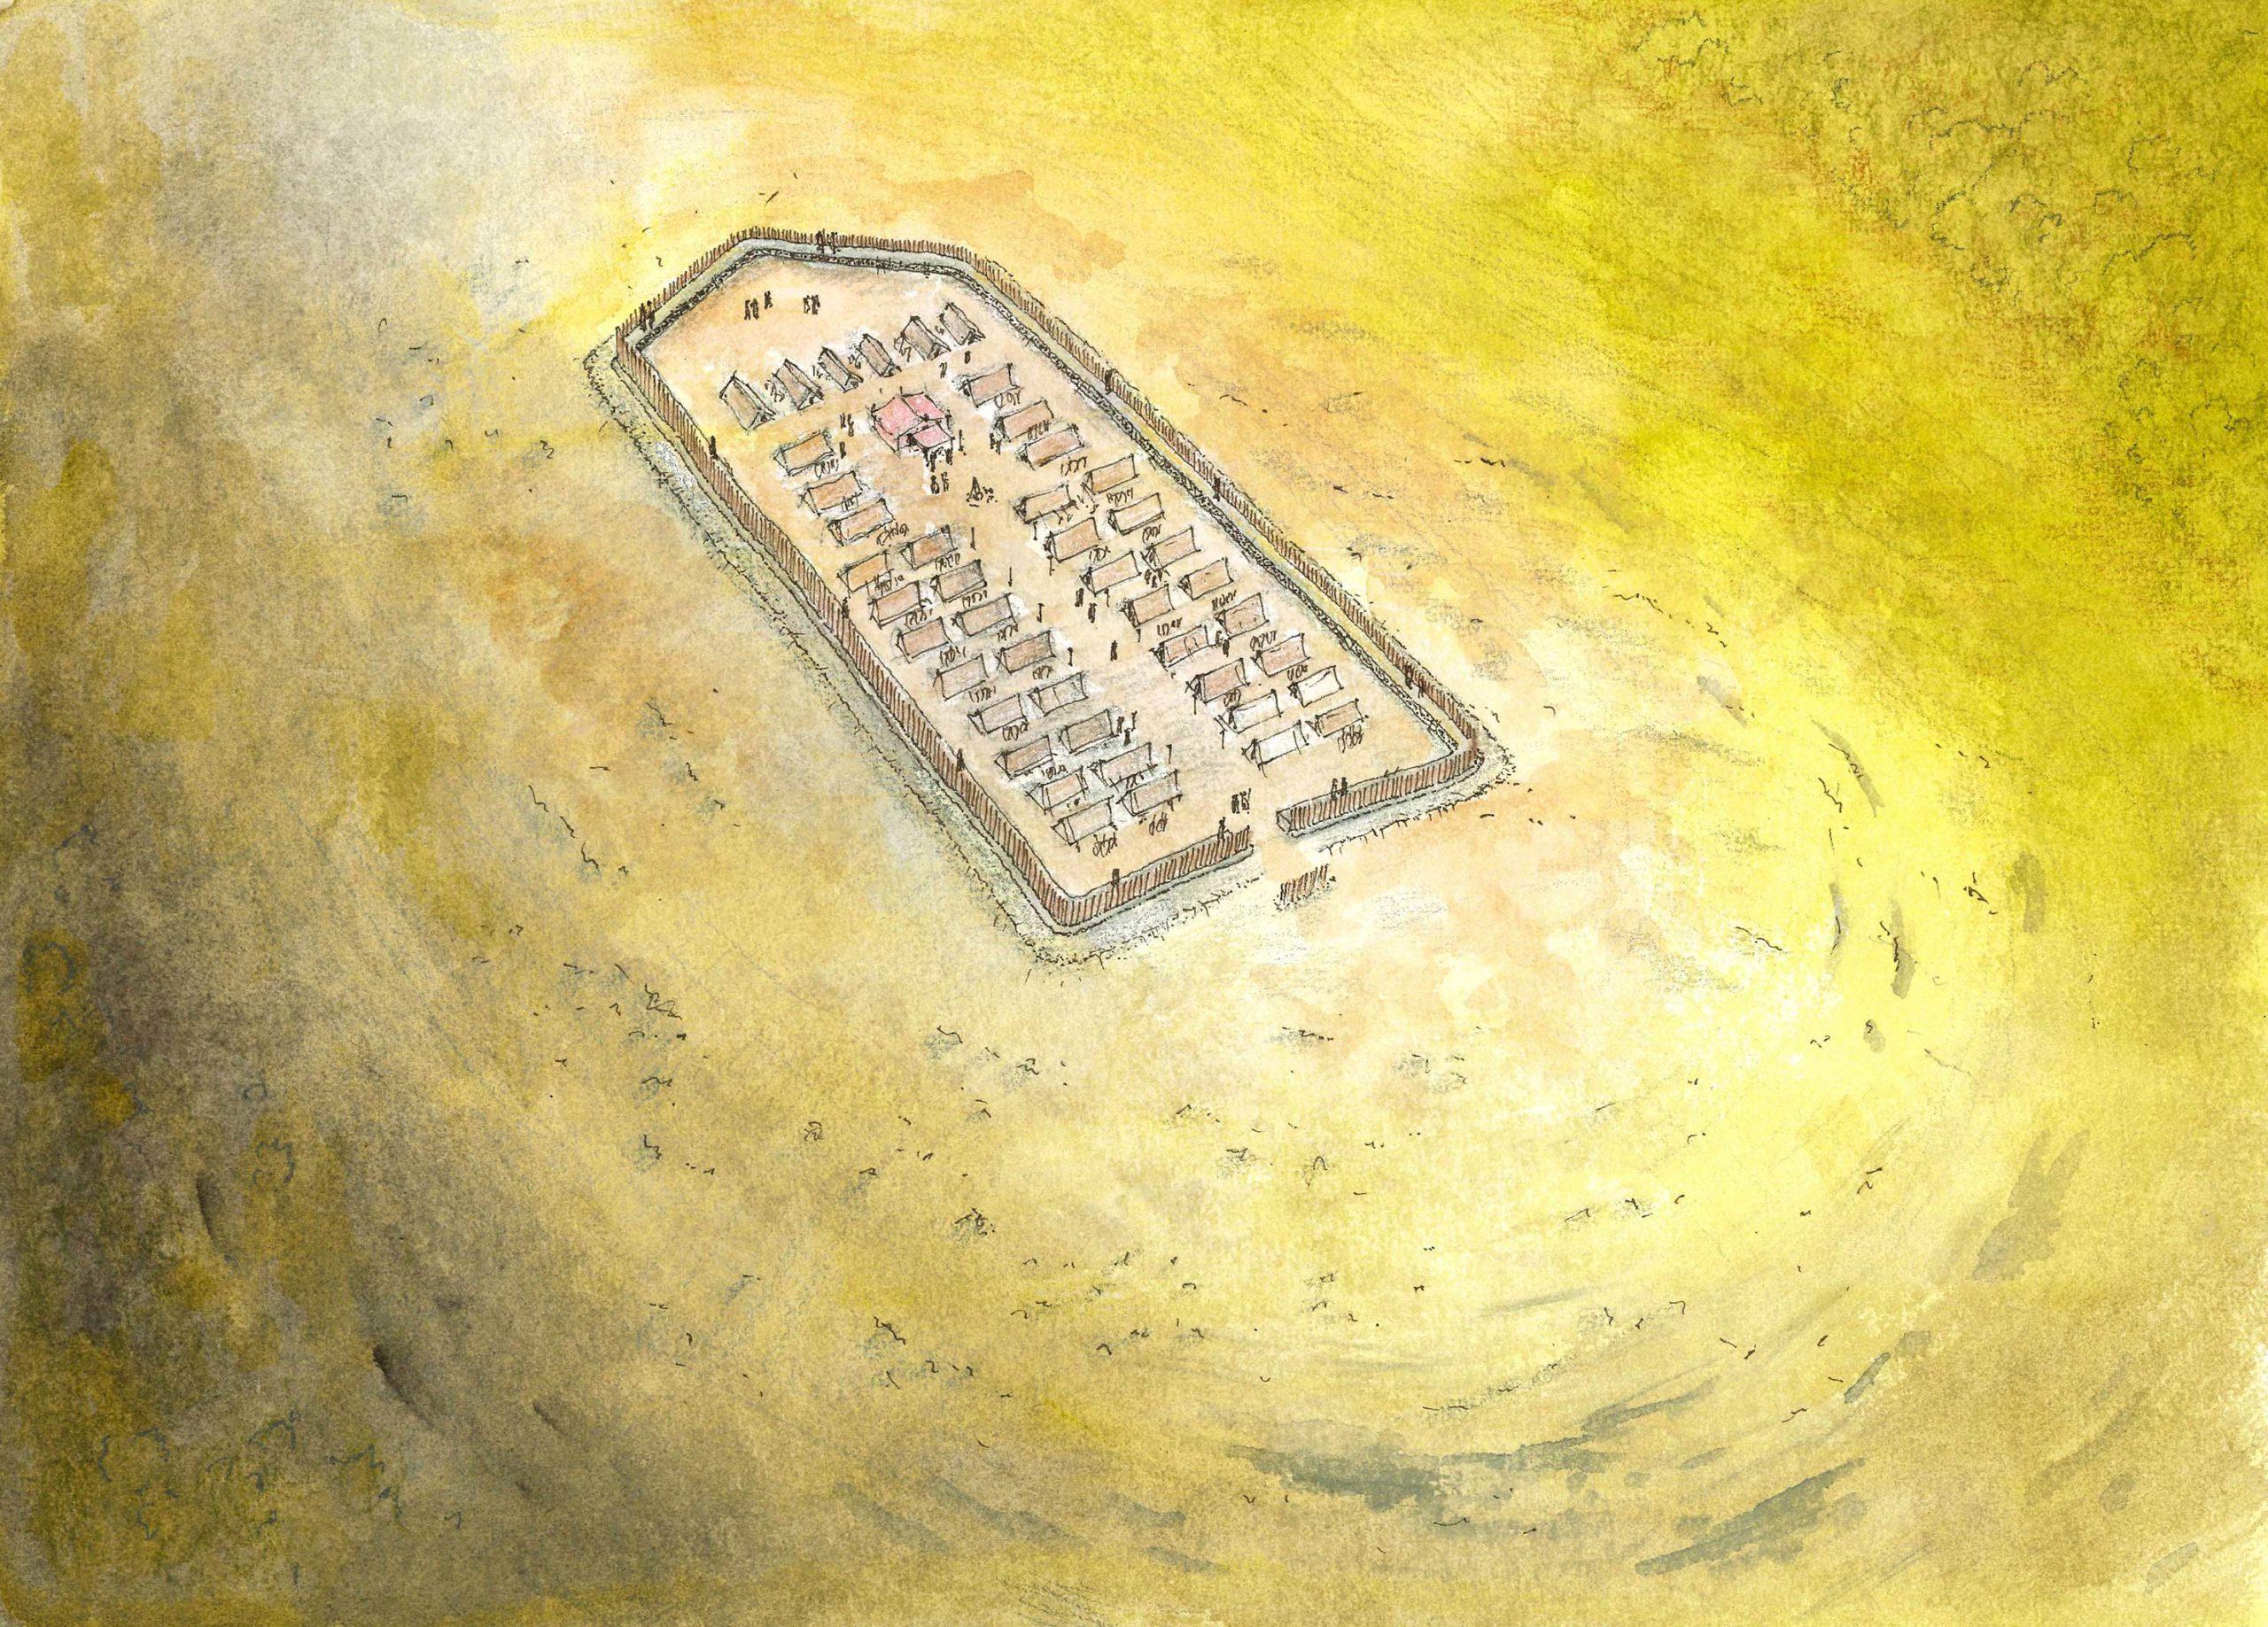 Ricostruzione campo interno Grociana - II a.C. - disegno di Guido Zanettini